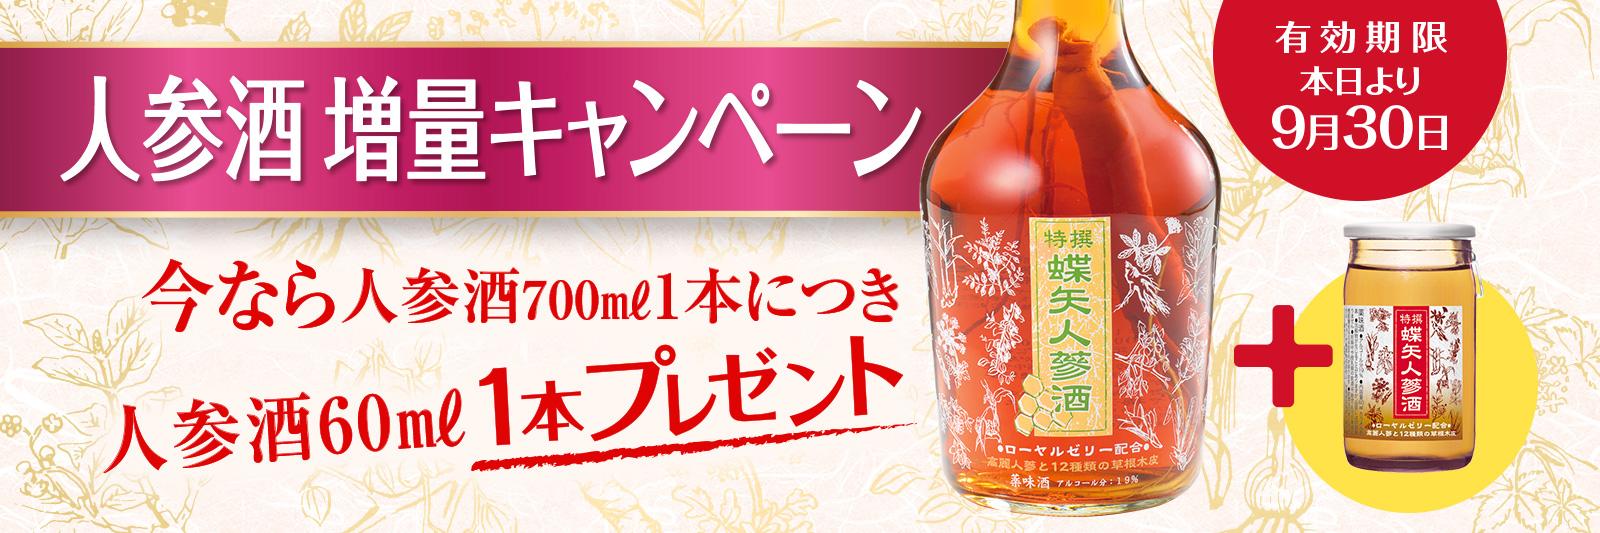 蝶矢特撰人参酒60ml付きキャンペーン